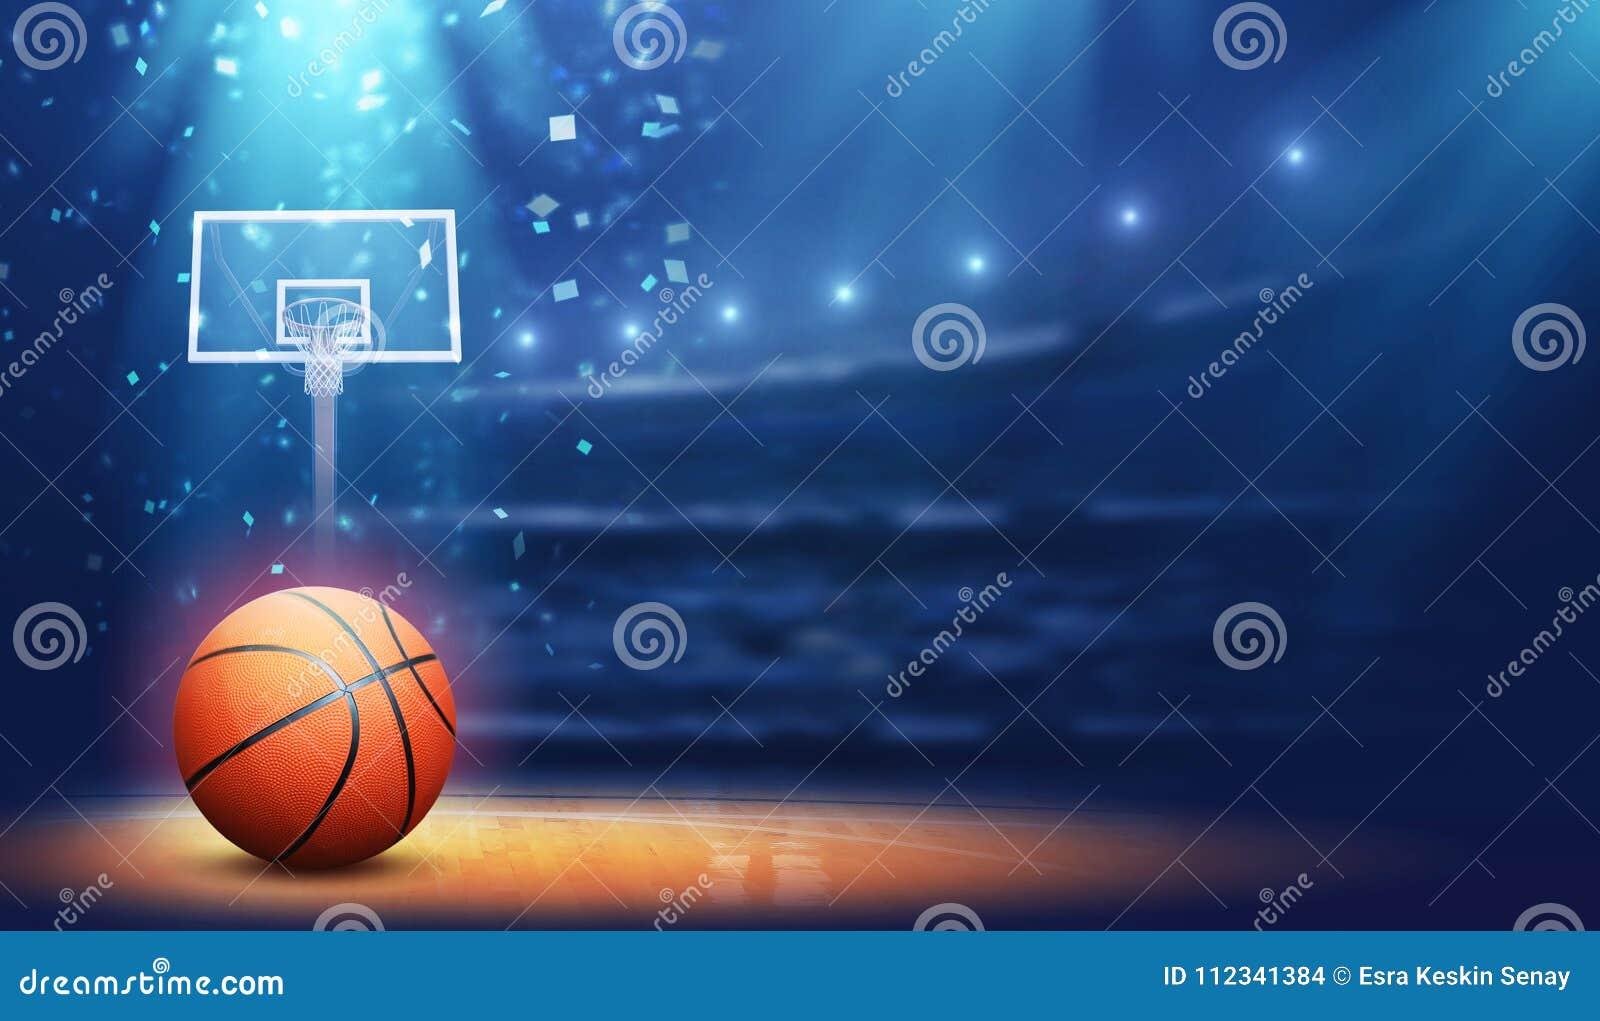 篮球竞技场和球